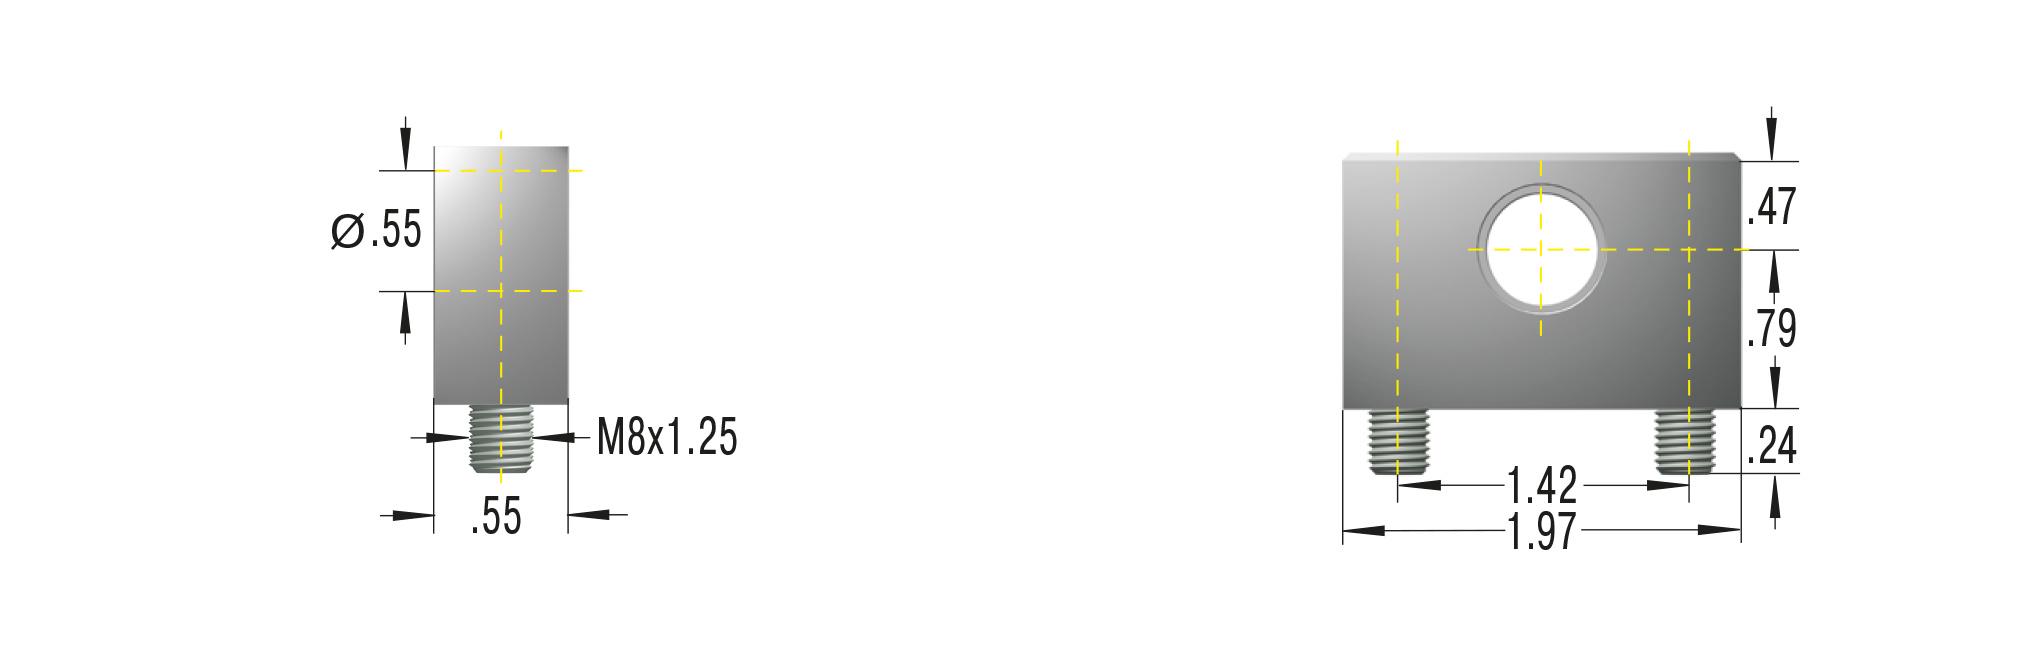 Beschlag für HB-40 und GS-40 **maximale Belastung 10000N**